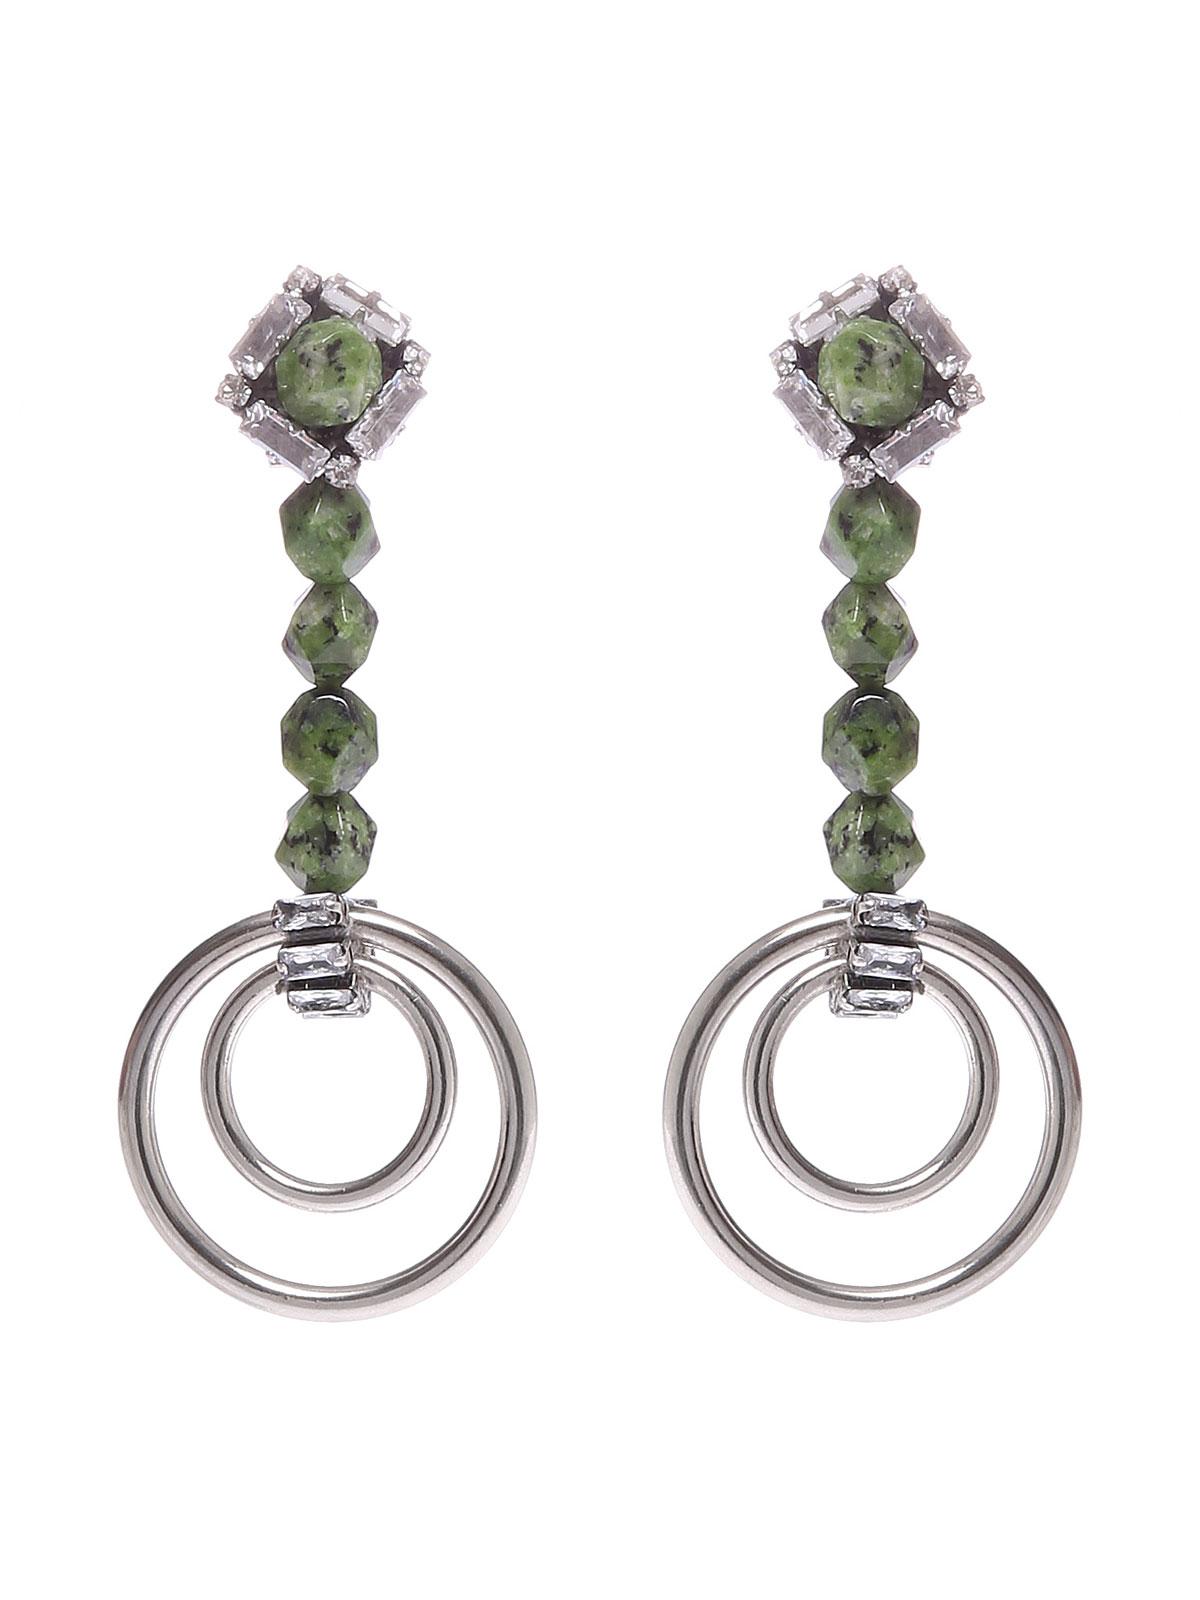 Orecchini con perle di Labradorite e cerchi colore argento antico